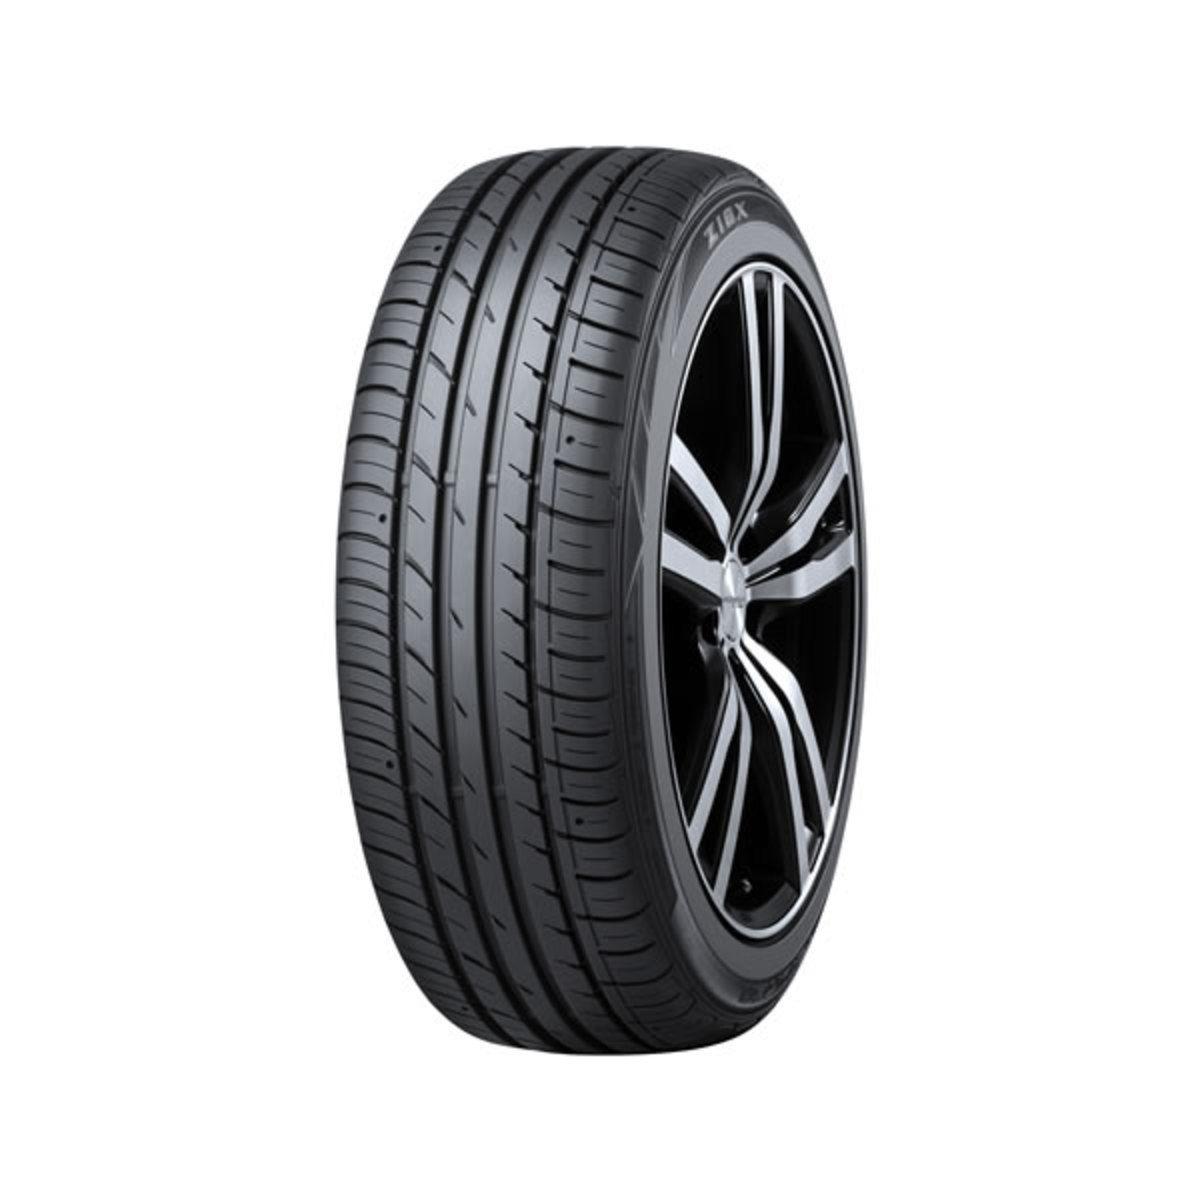 Pneu Dunlop 185 R14C 102/100P R51 8PR V